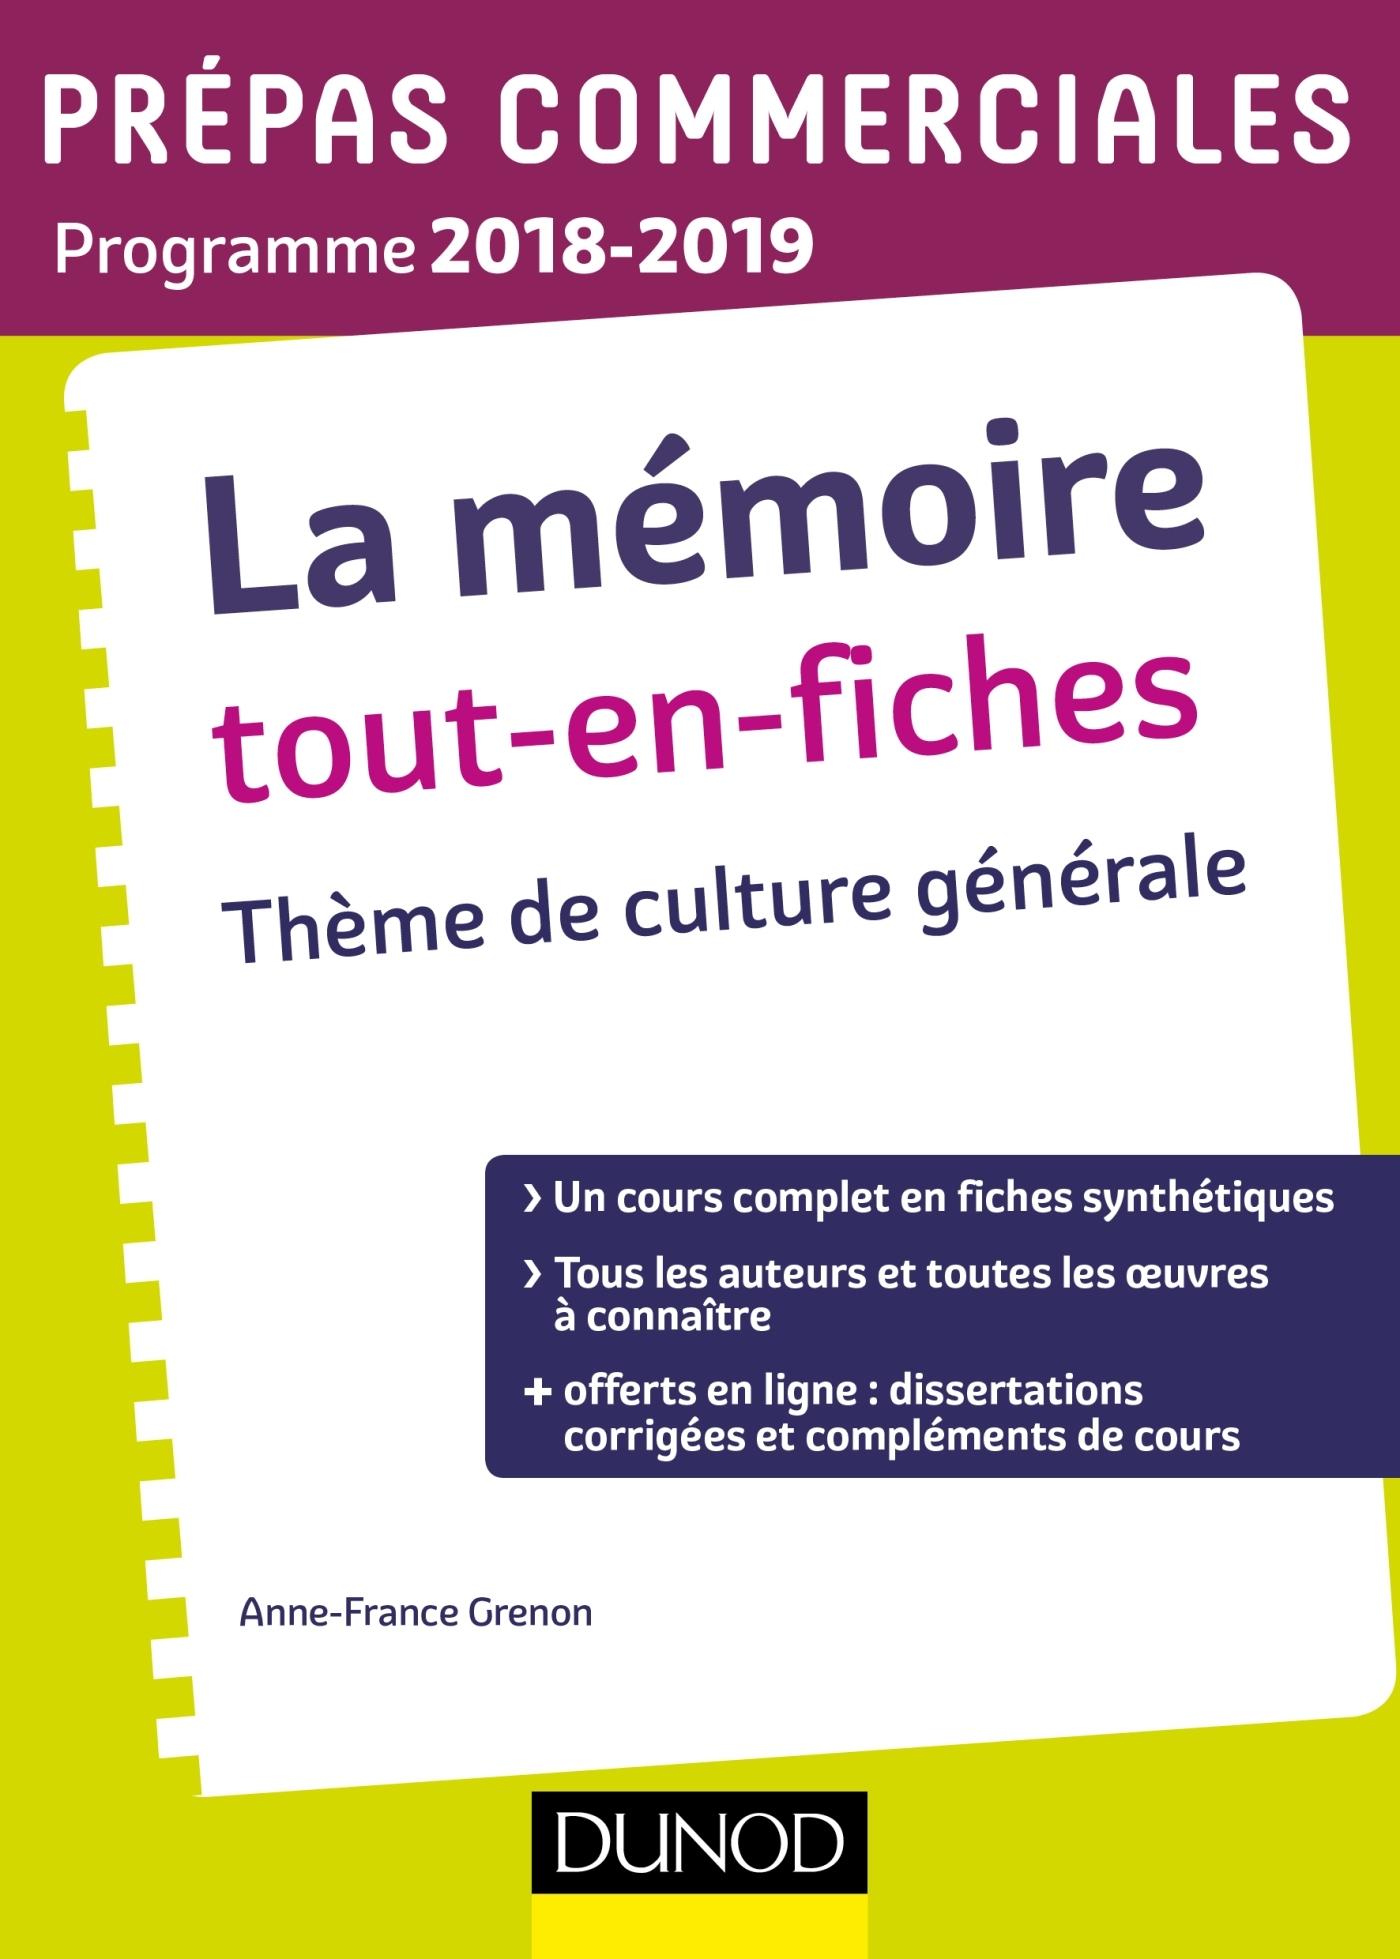 LA MEMOIRE TOUT-EN-FICHES - THEME DE CULTURE GENERALE PREPAS COMMERCIALES 2018-2019